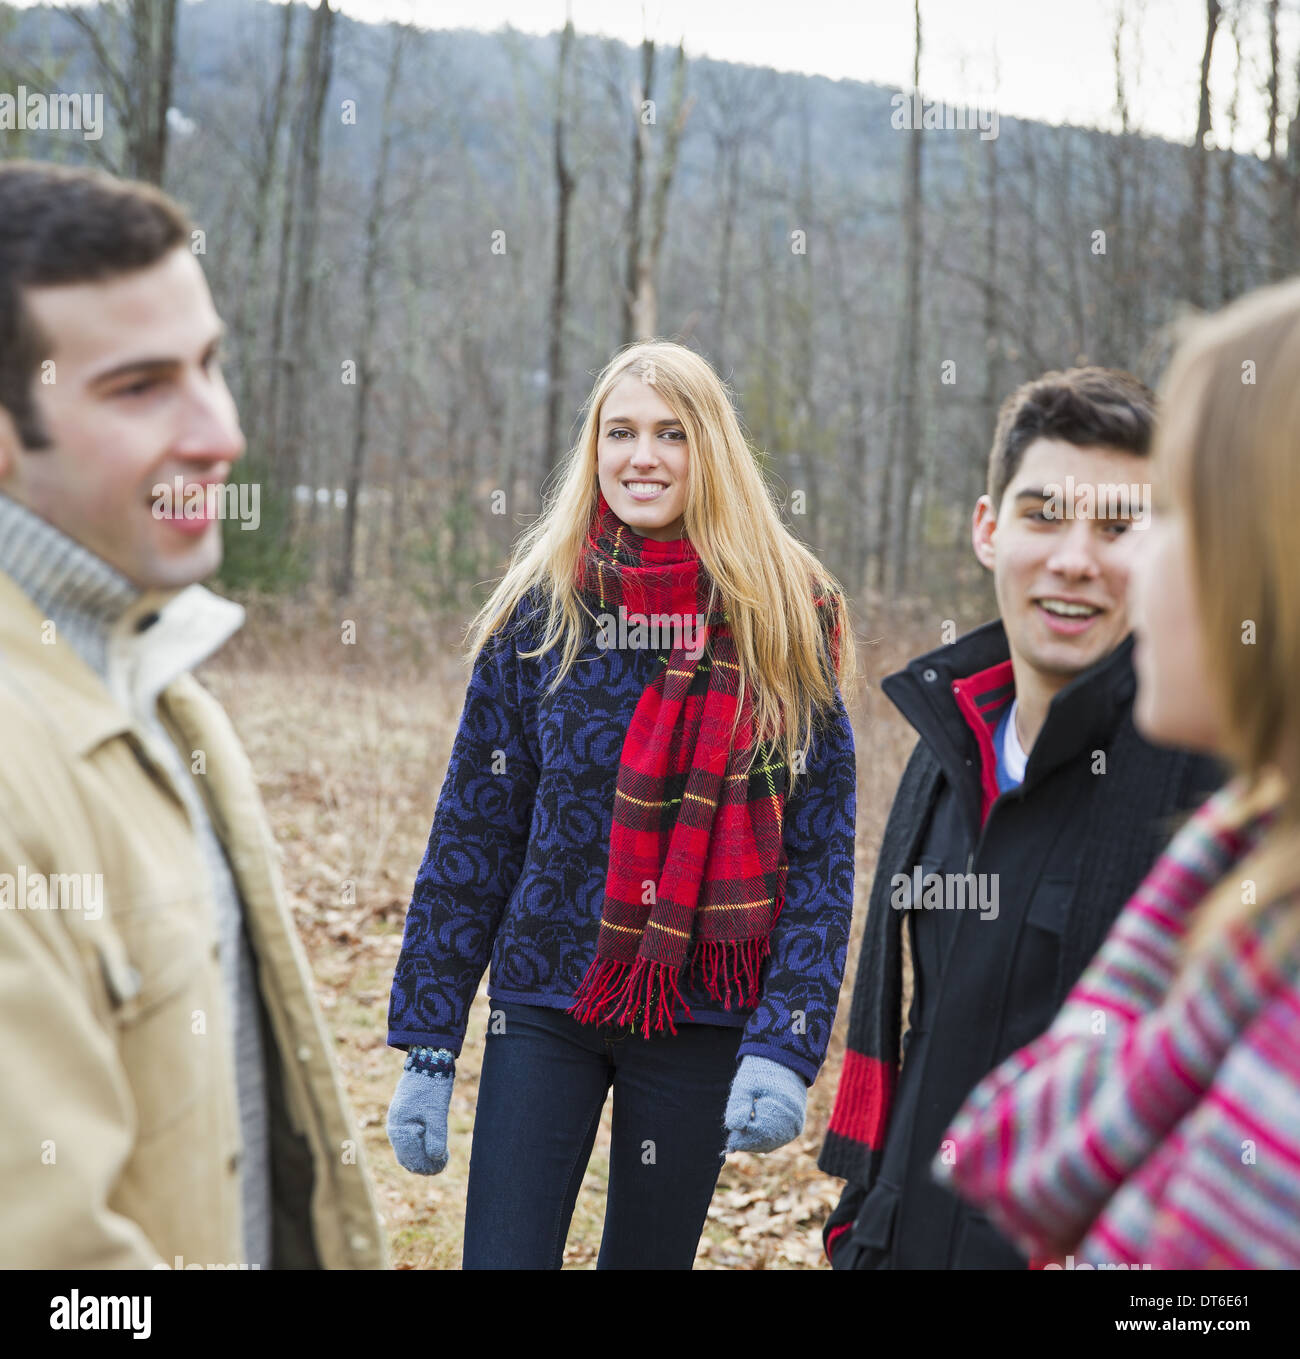 Un groupe de quatre personnes à l'extérieur sur une journée d'hiver. Photo Stock